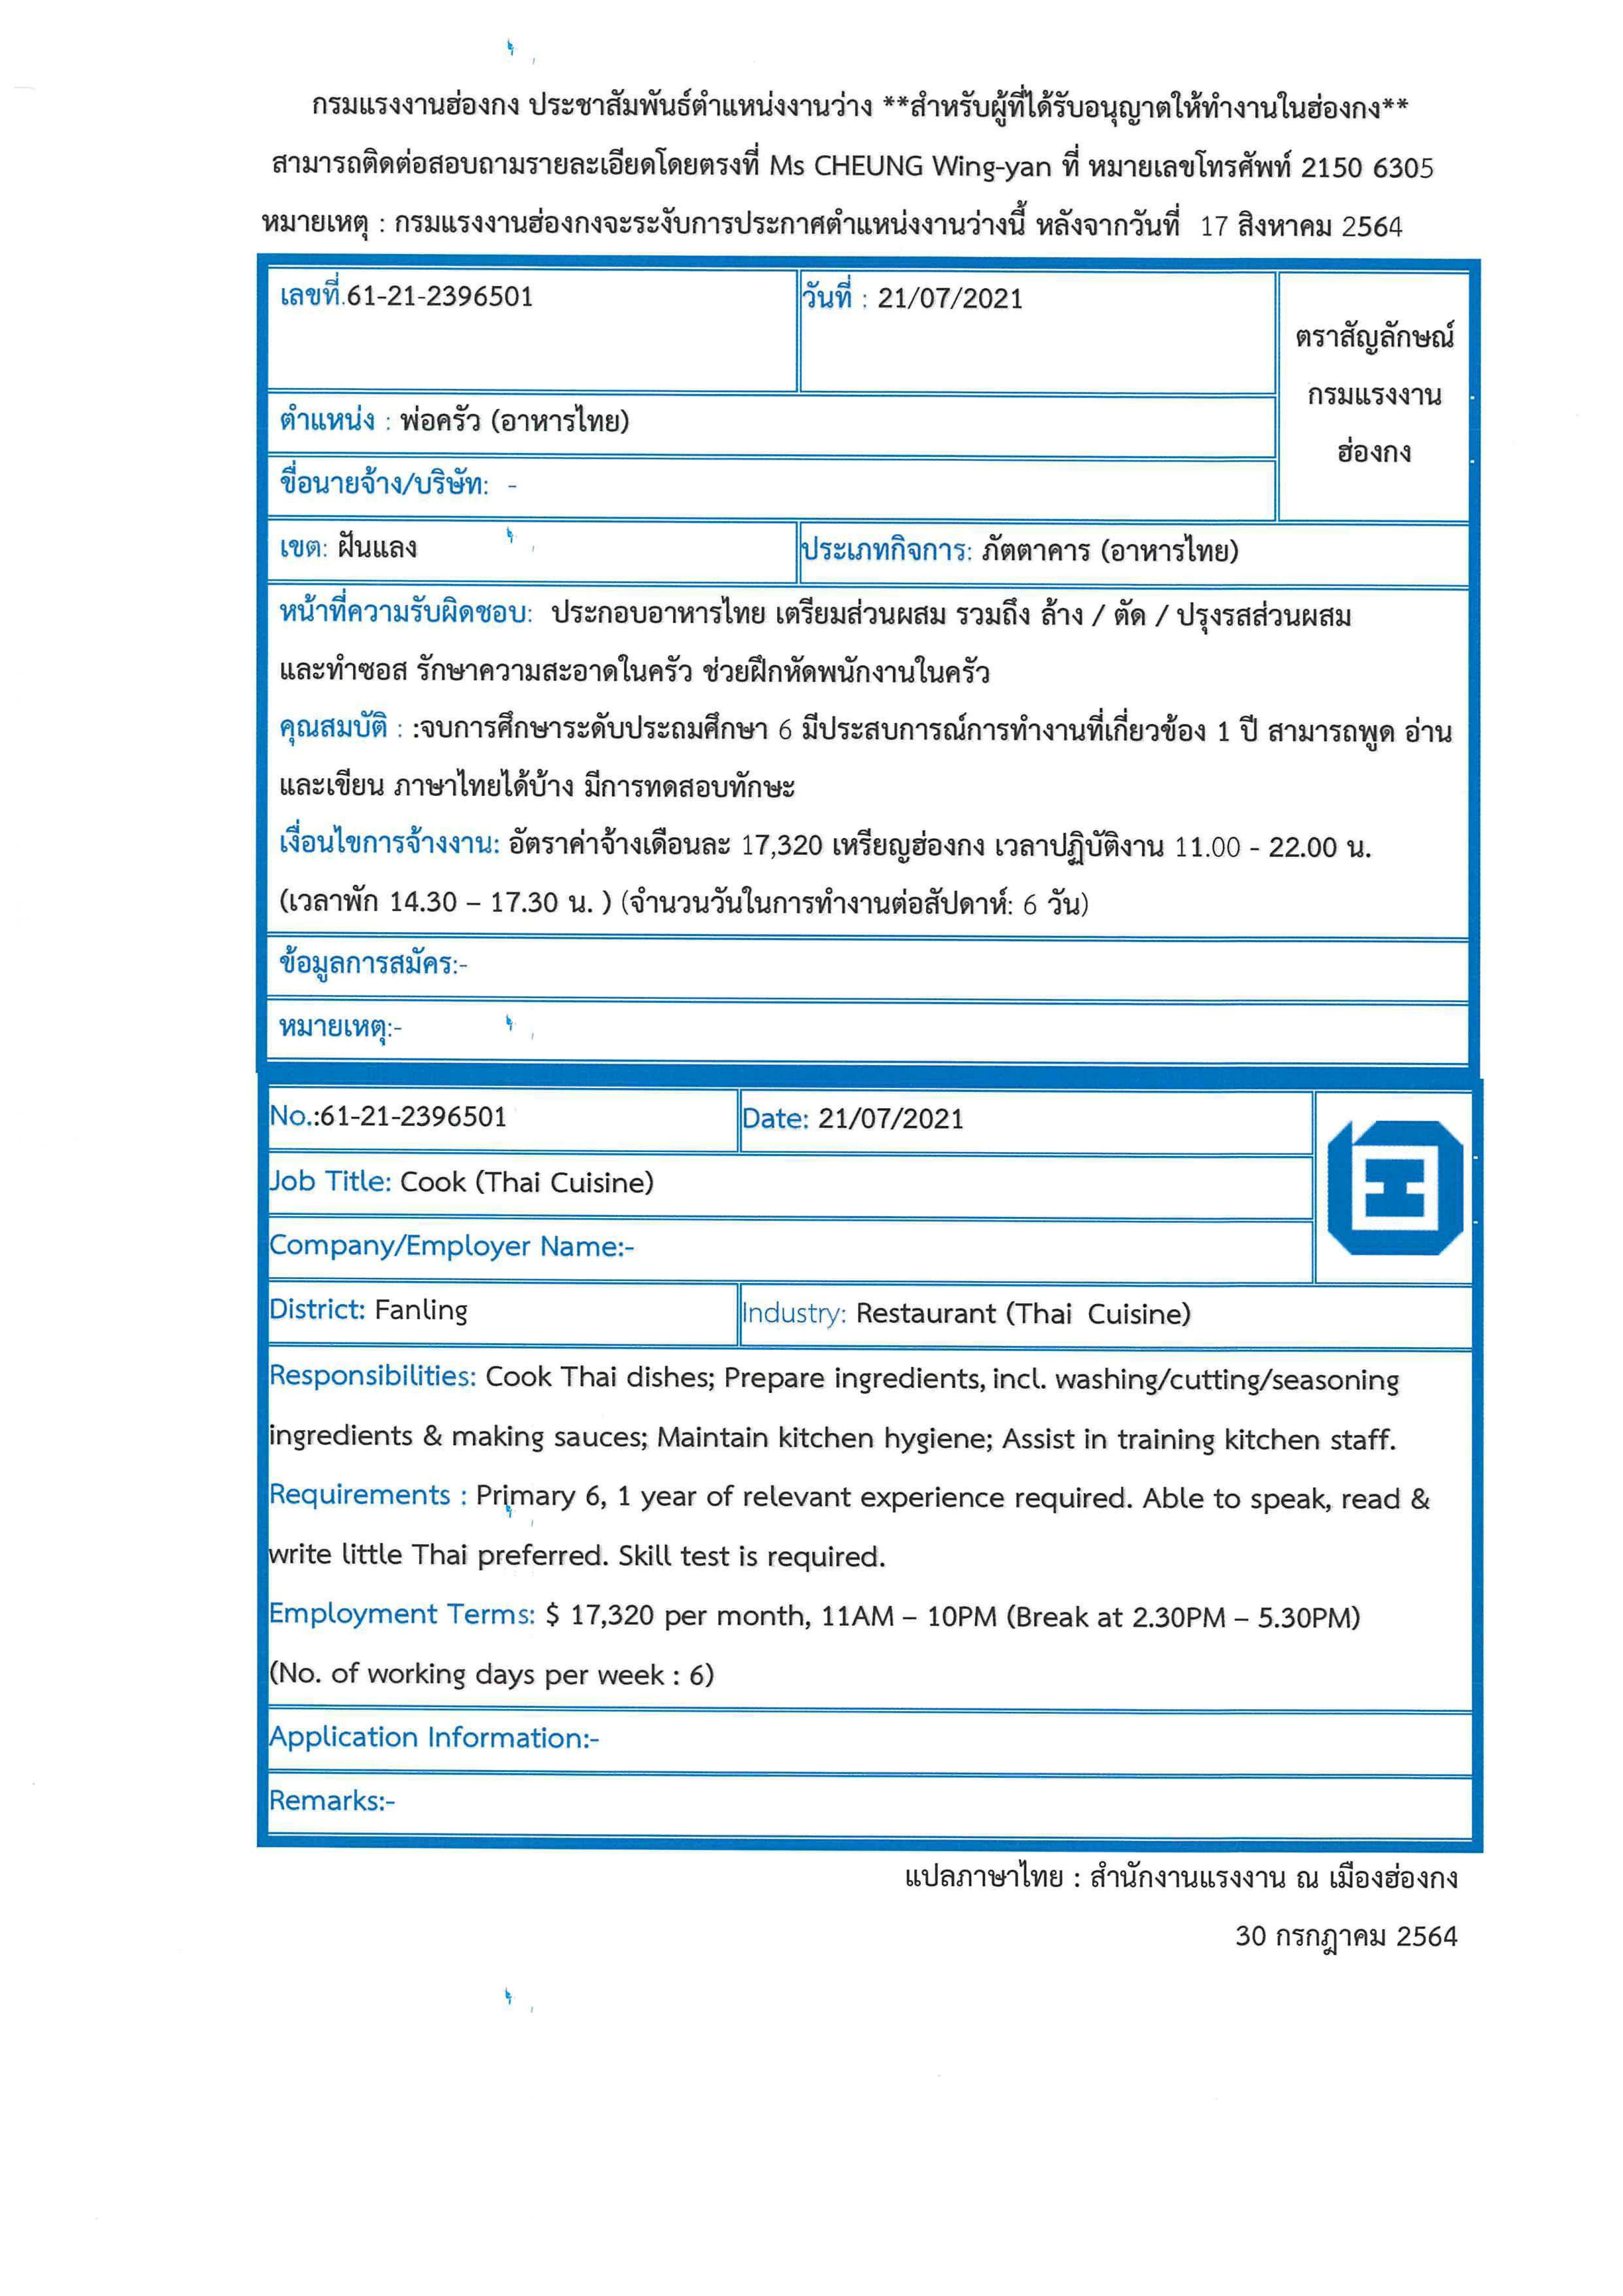 กรมแรงงานฮ่องกง ประชาสัมพันธ์ตำแหน่งงานว่าง สำหรับผู้ที่ได้รับอนุญาตให้ทำงานในฮ่องกง